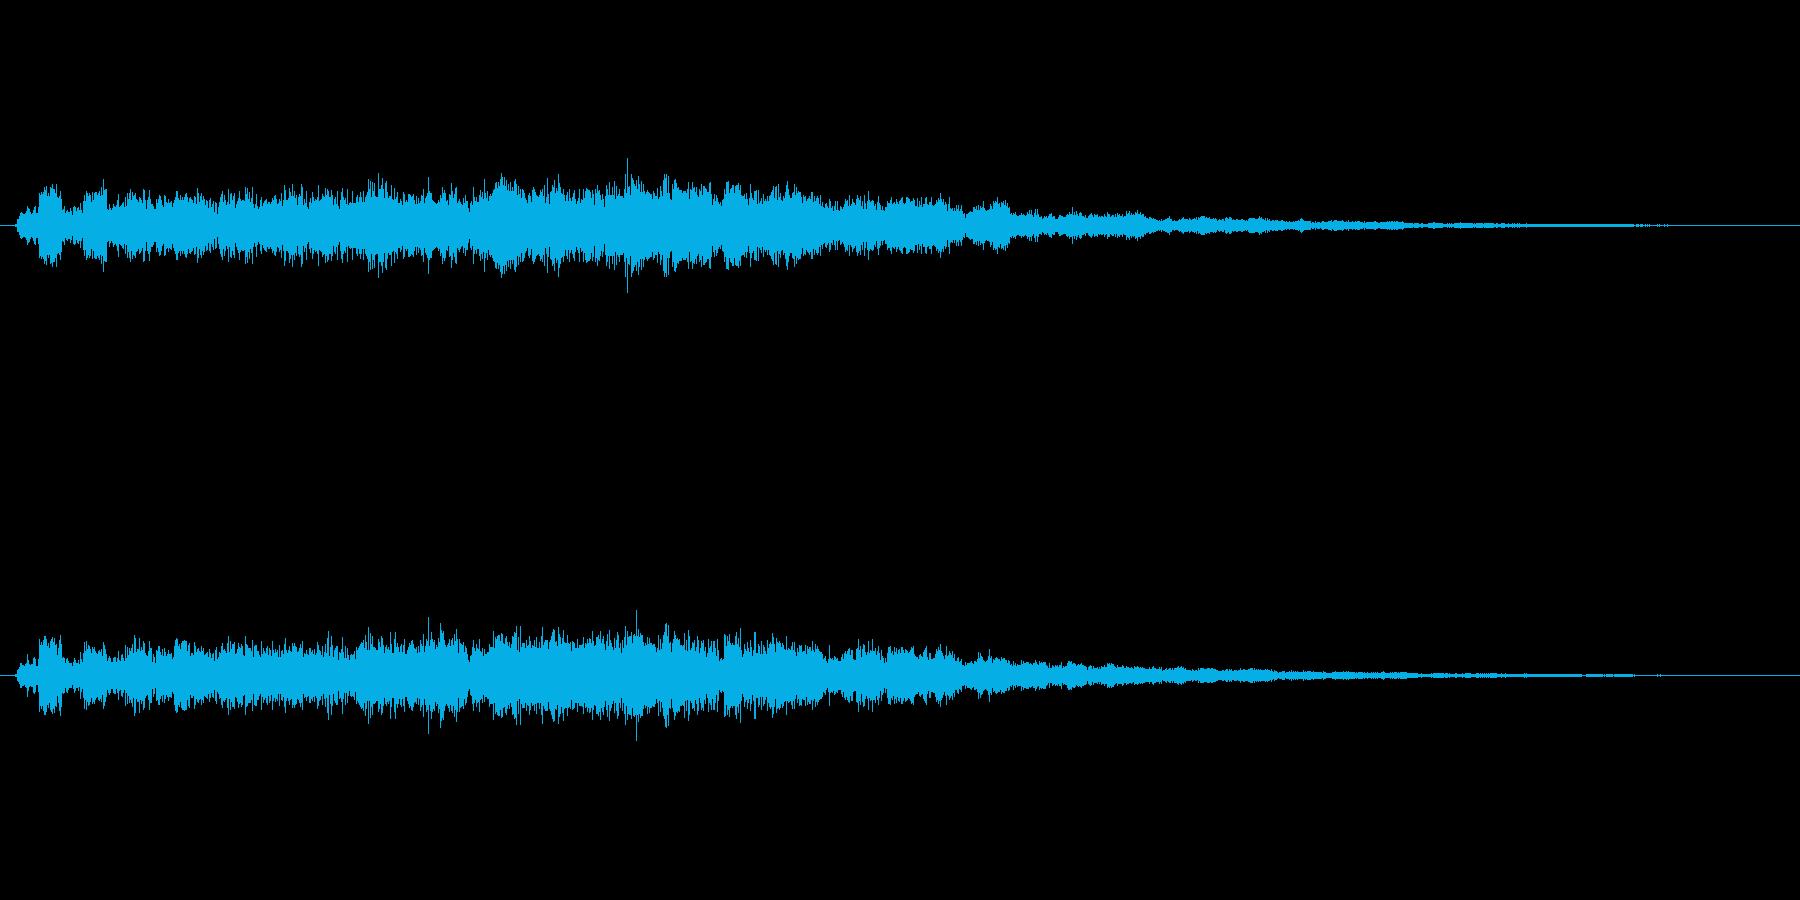 キラキラーン(氷の魔法、エフェクト)の再生済みの波形